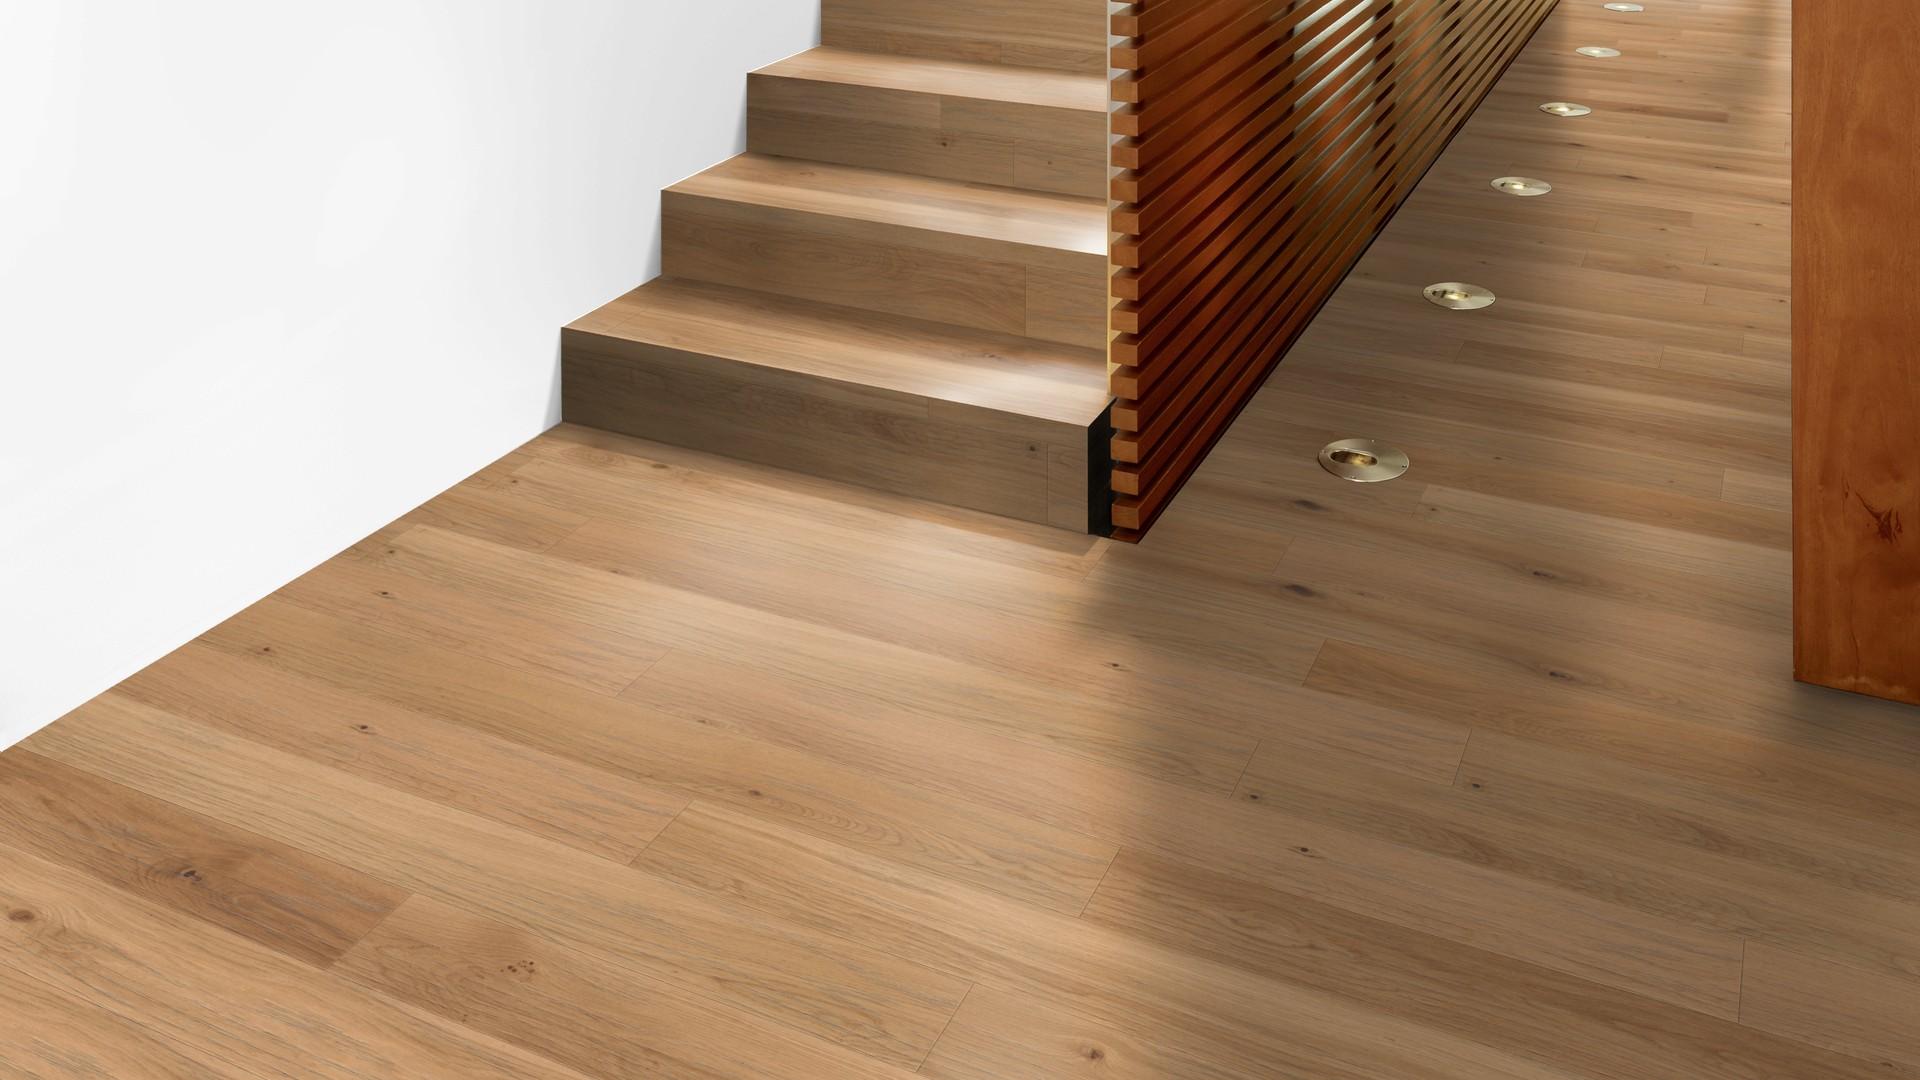 wp 4140 eiche lebhaft geb rstet gefast provital finish 27768 weitzer parkett. Black Bedroom Furniture Sets. Home Design Ideas